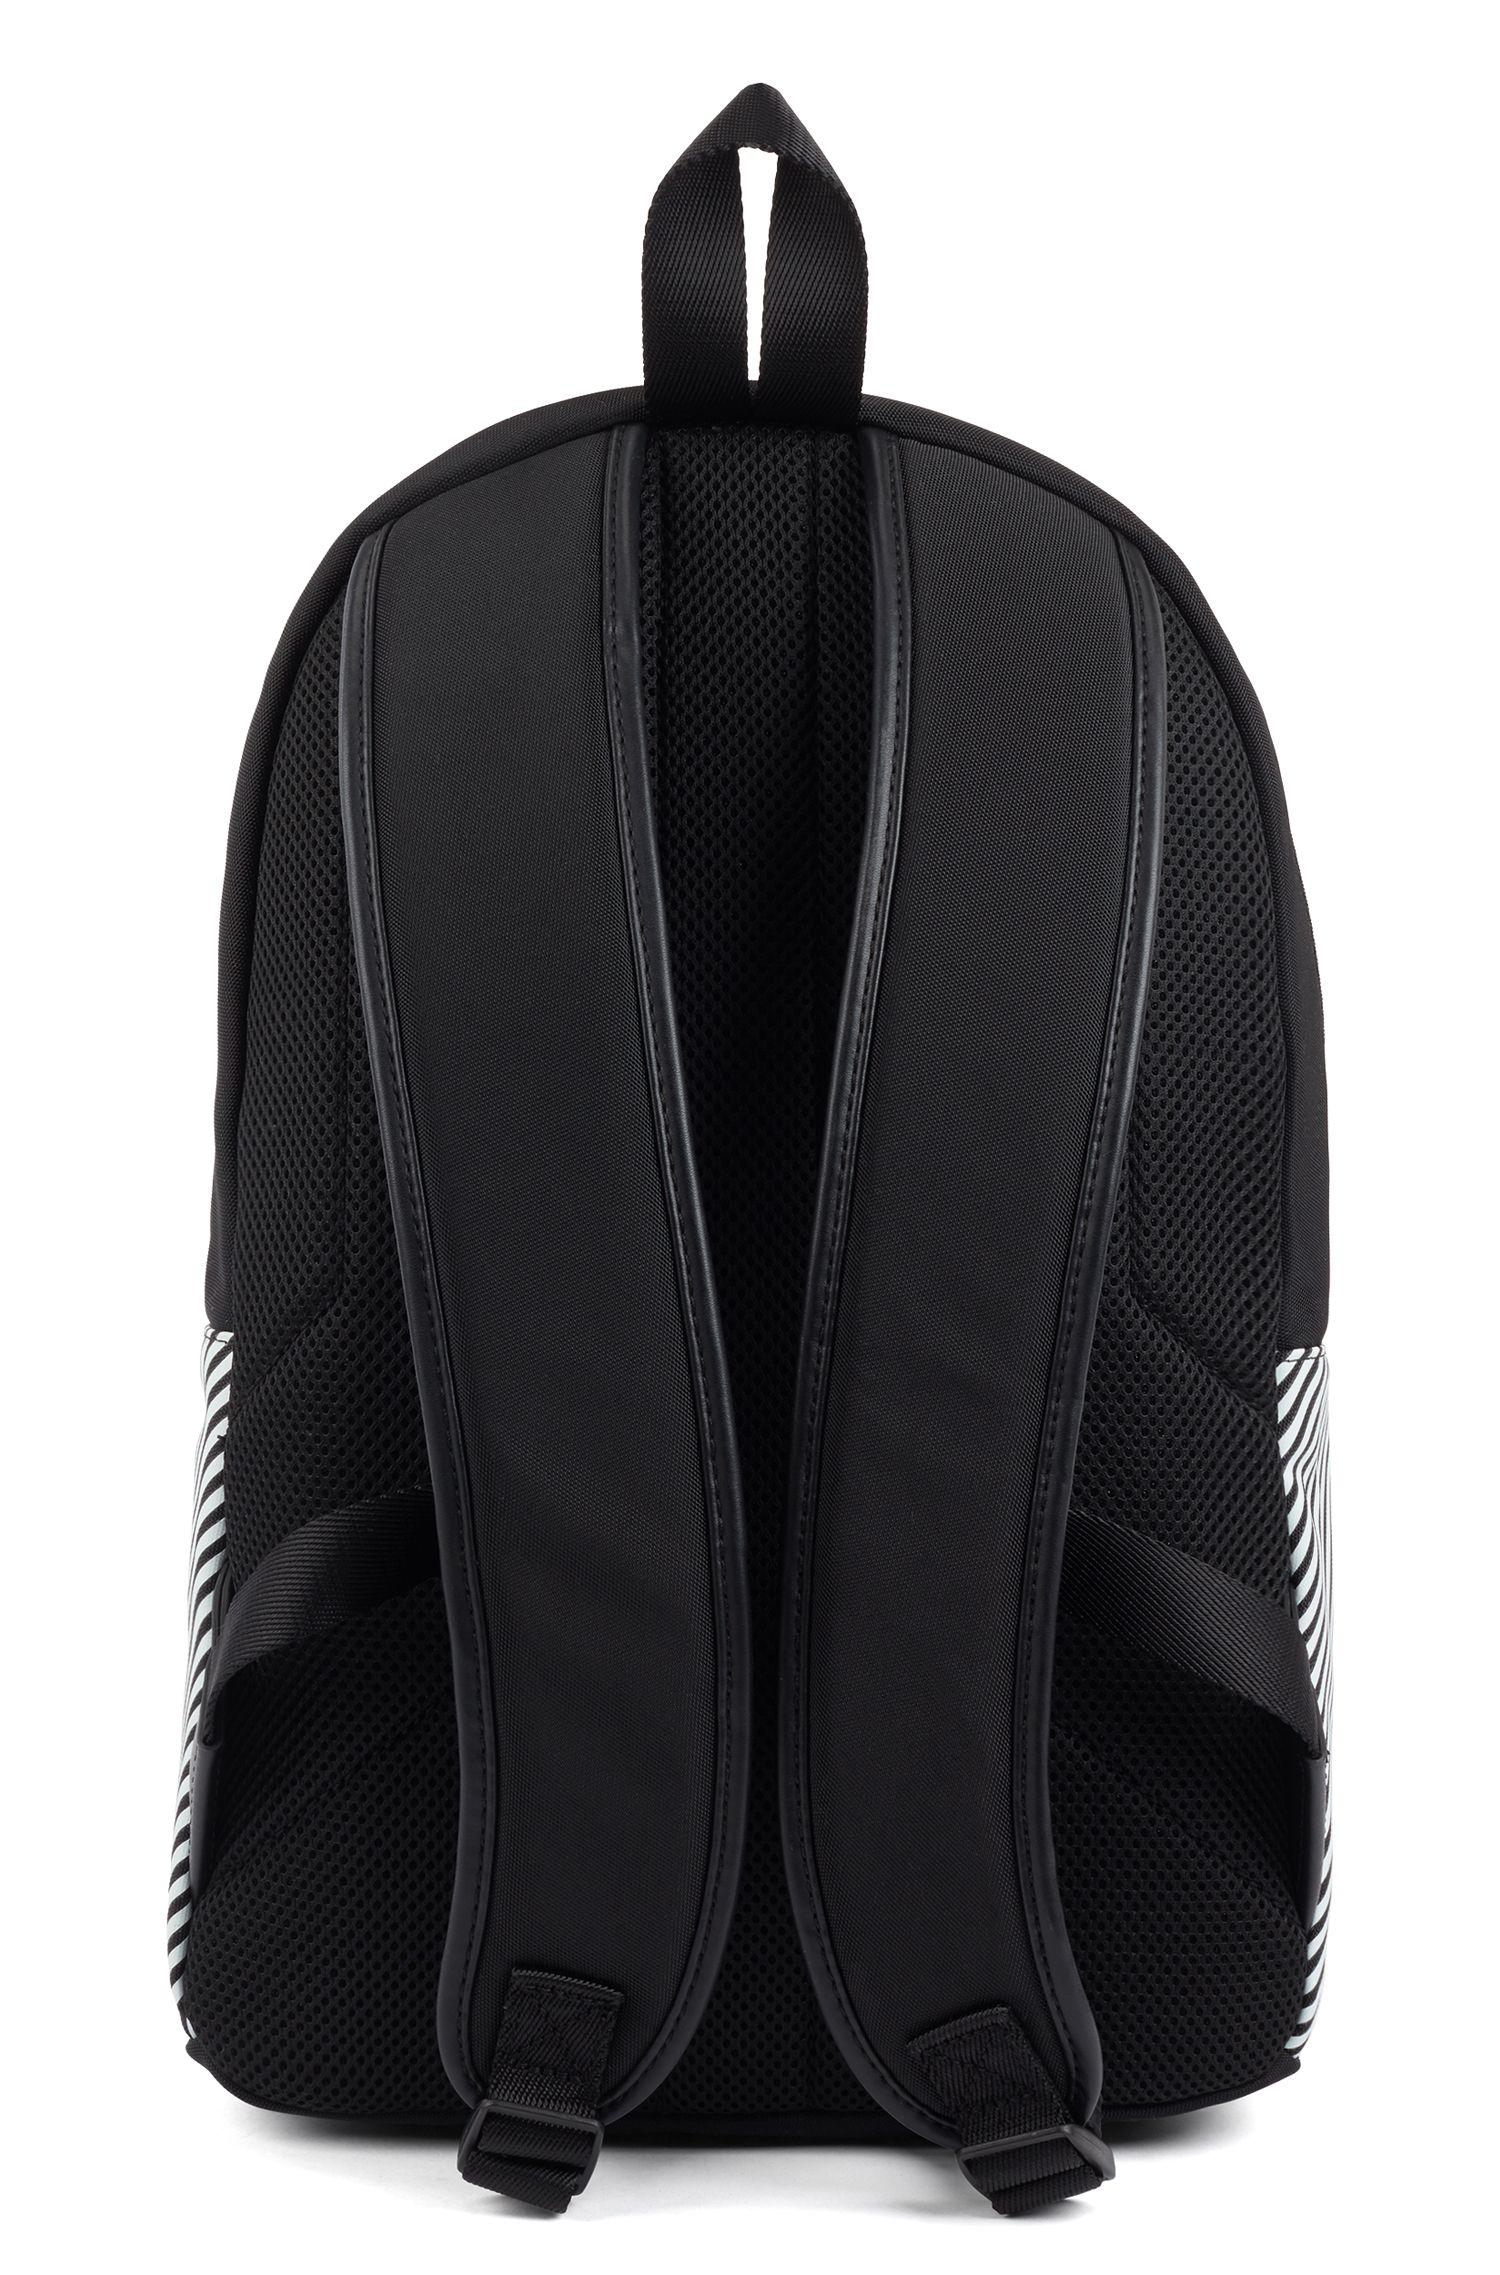 Rucksack aus strukturiertem Nylon mit Reißverschluss und Streifen, Gemustert